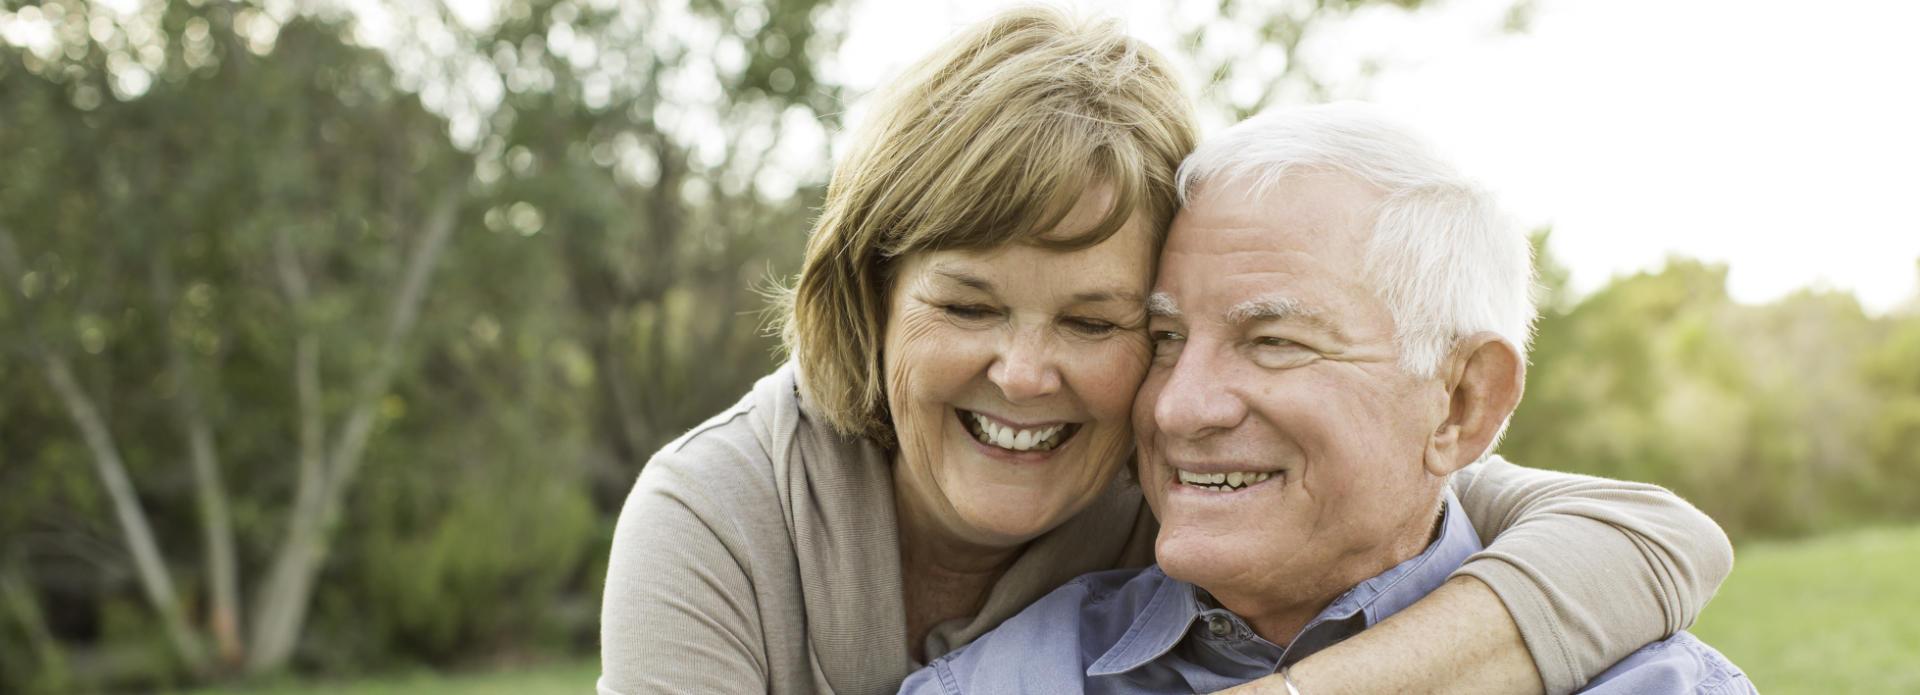 joyful elderly couple